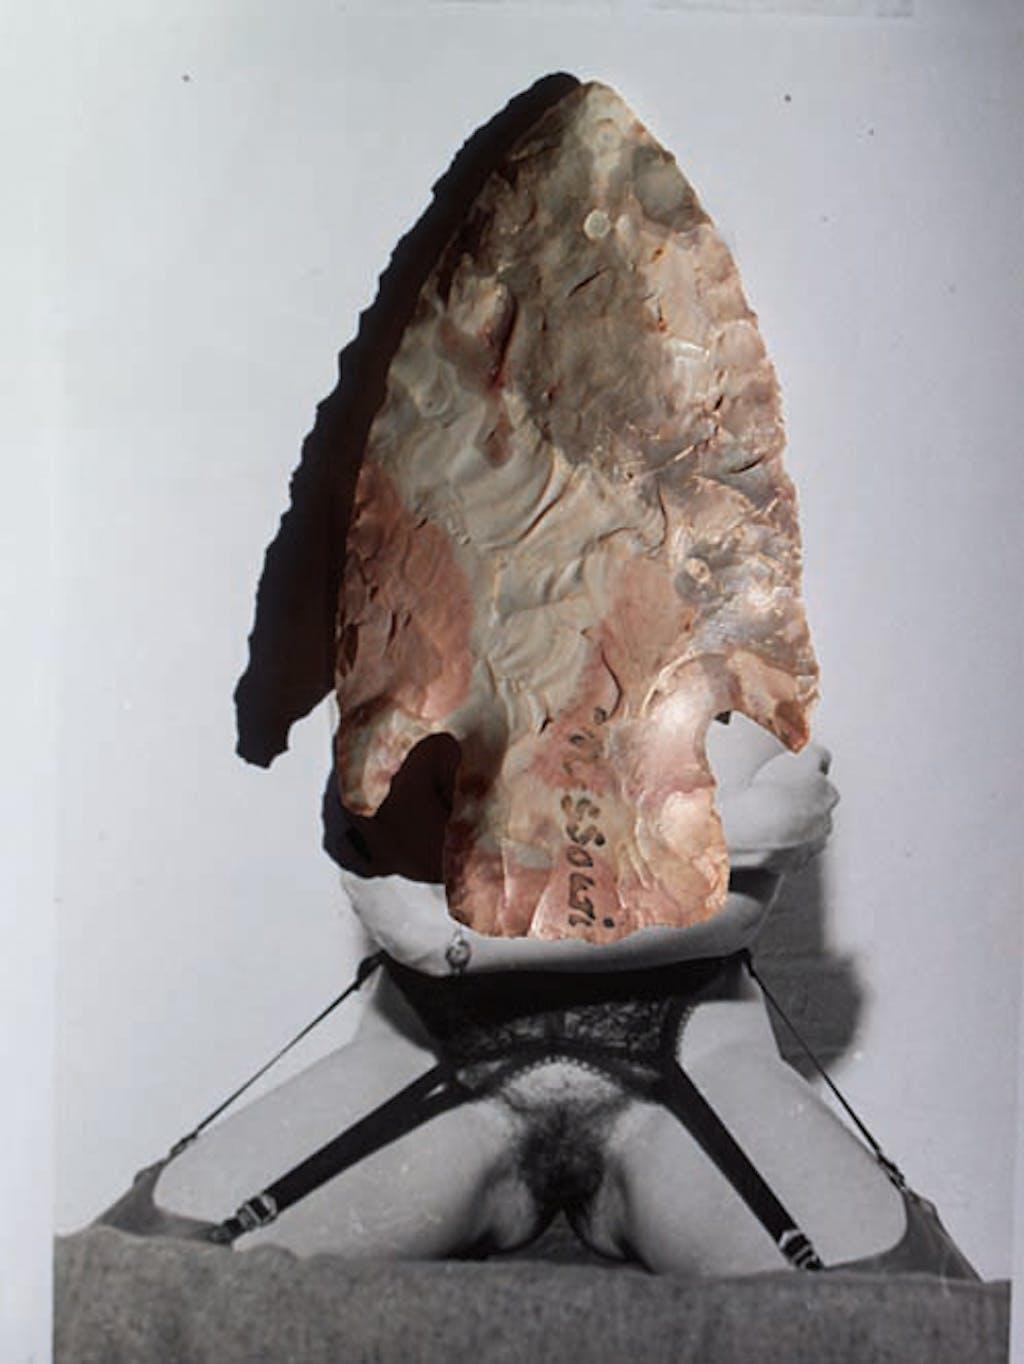 Collection Préhistorique (Femme aux porte-jarretelles et grande pointe) - © kamel mennour